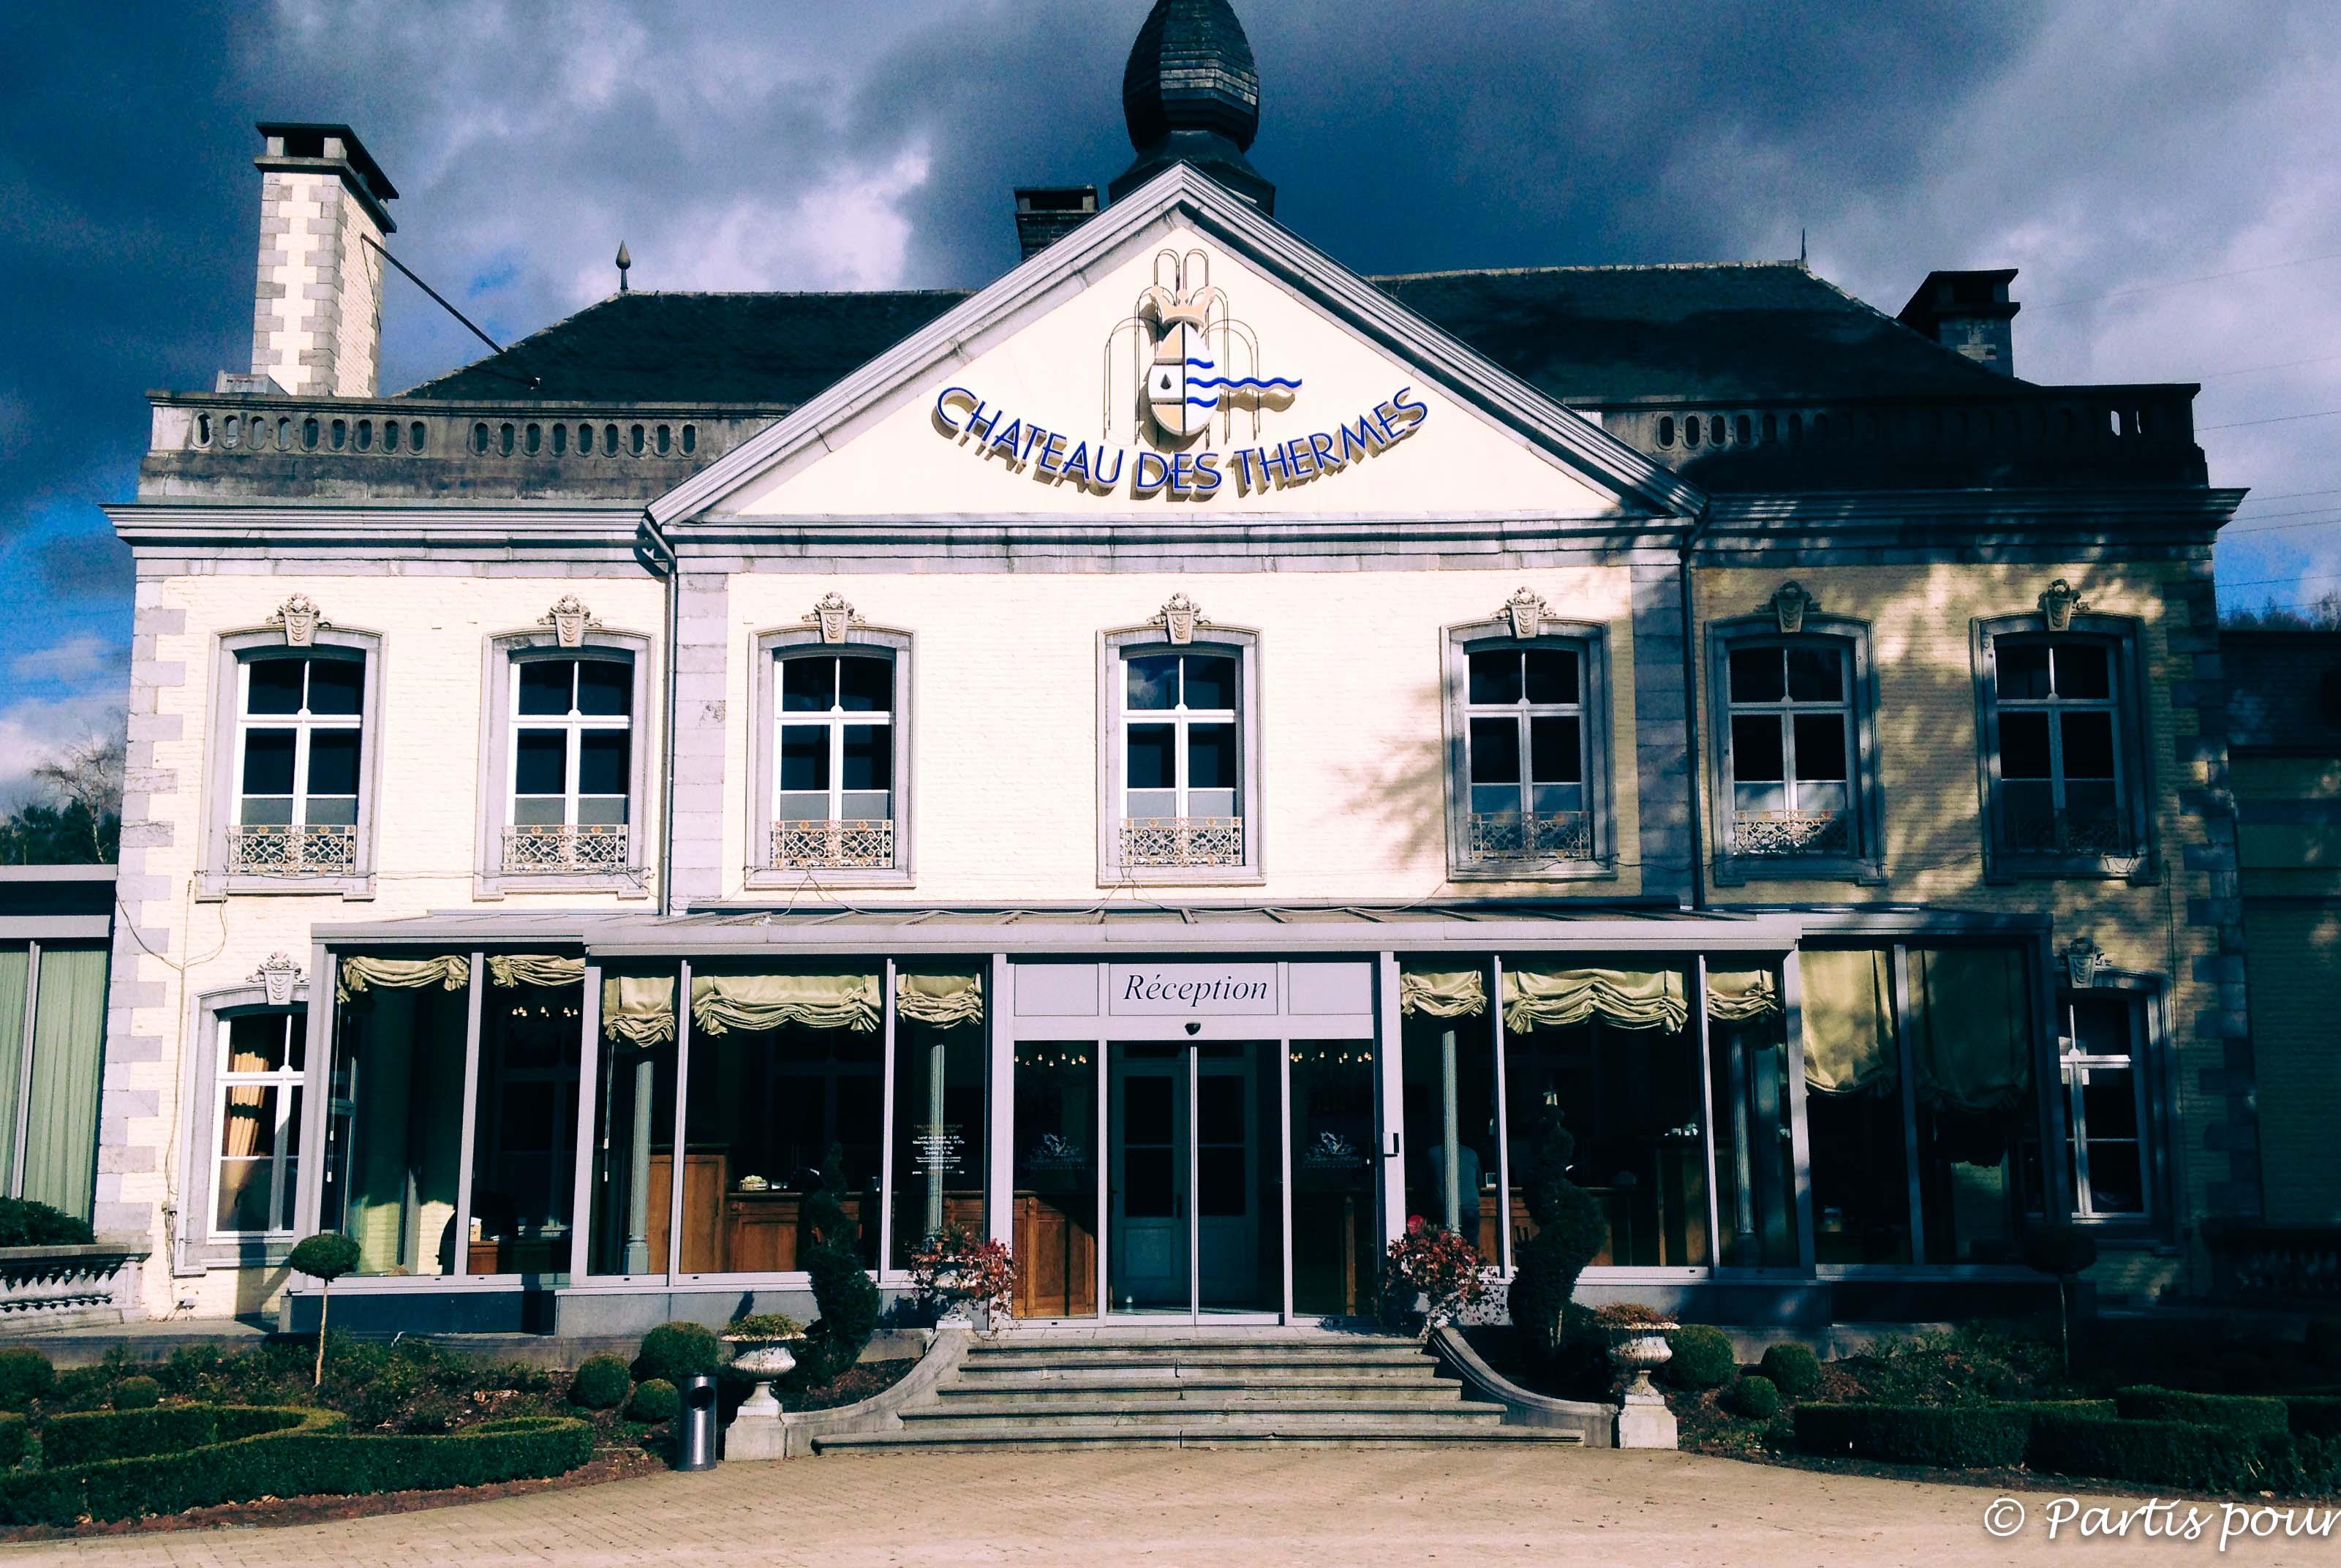 Petits plaisirs de mars Château des Thermes Chaudfontaine